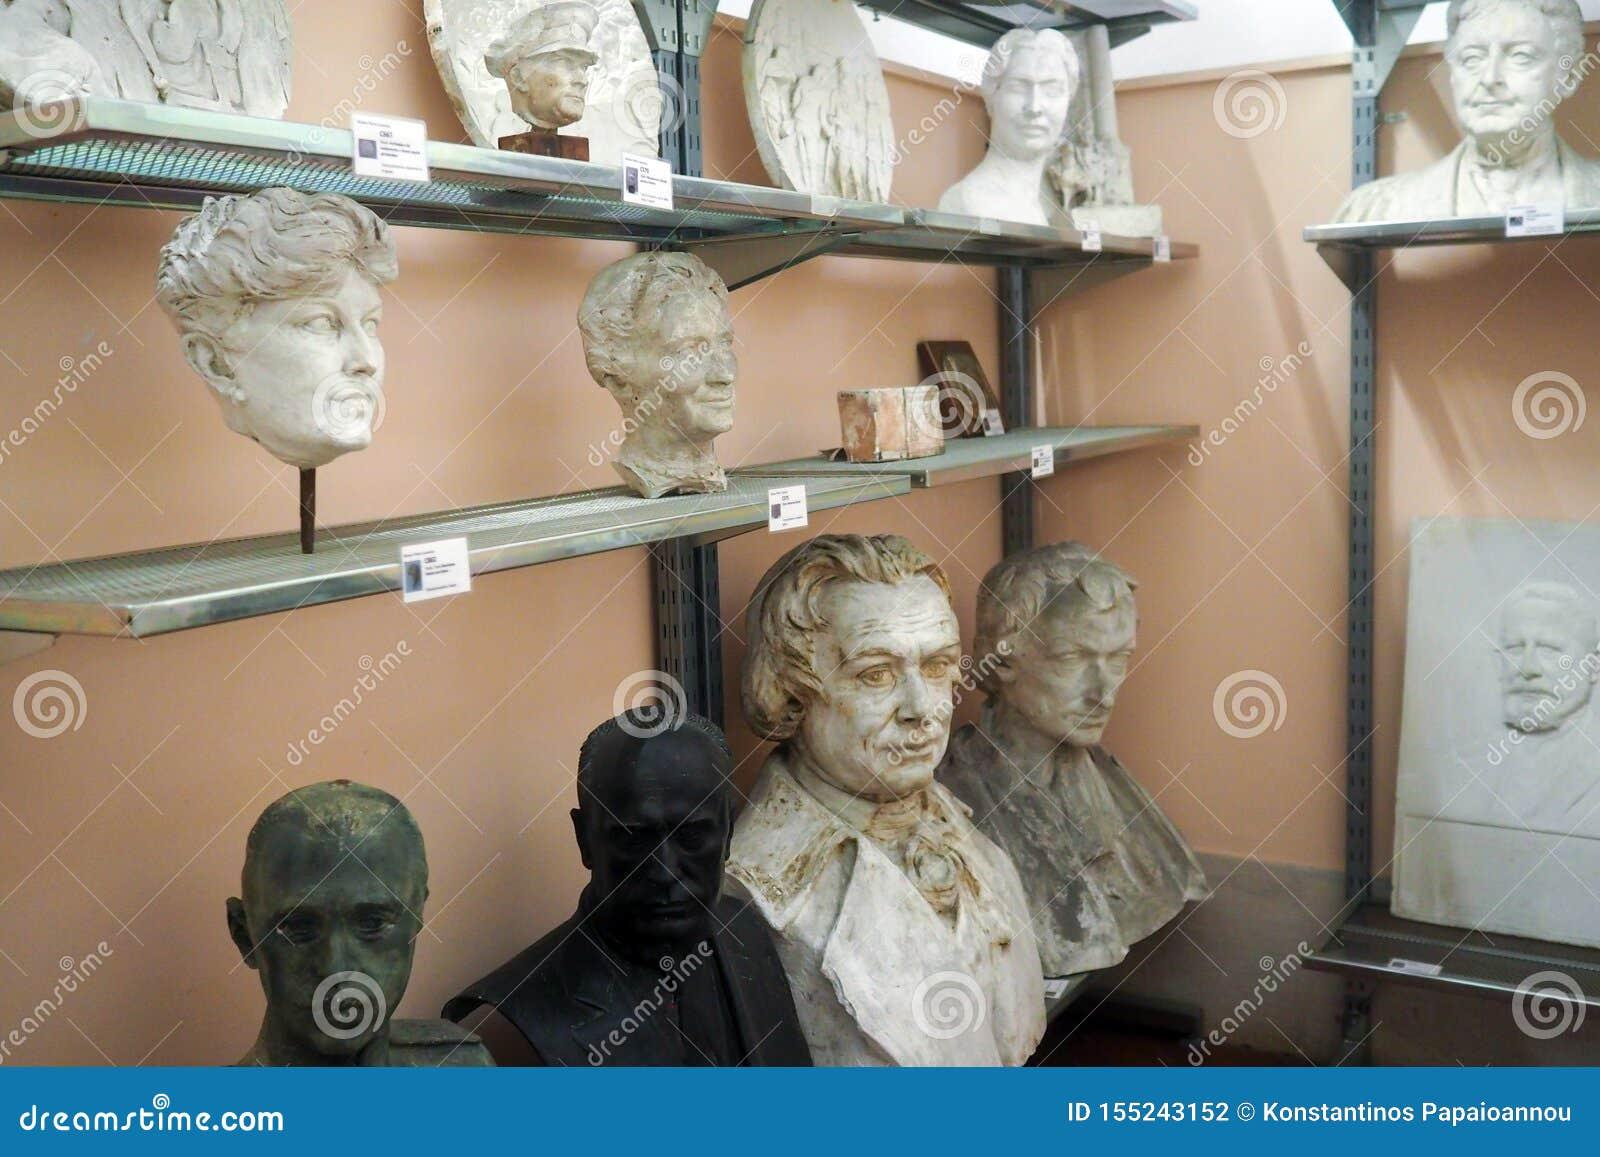 Pietro Canonica Museum nos jardins de Borghese da casa de campo em Roma, Itália